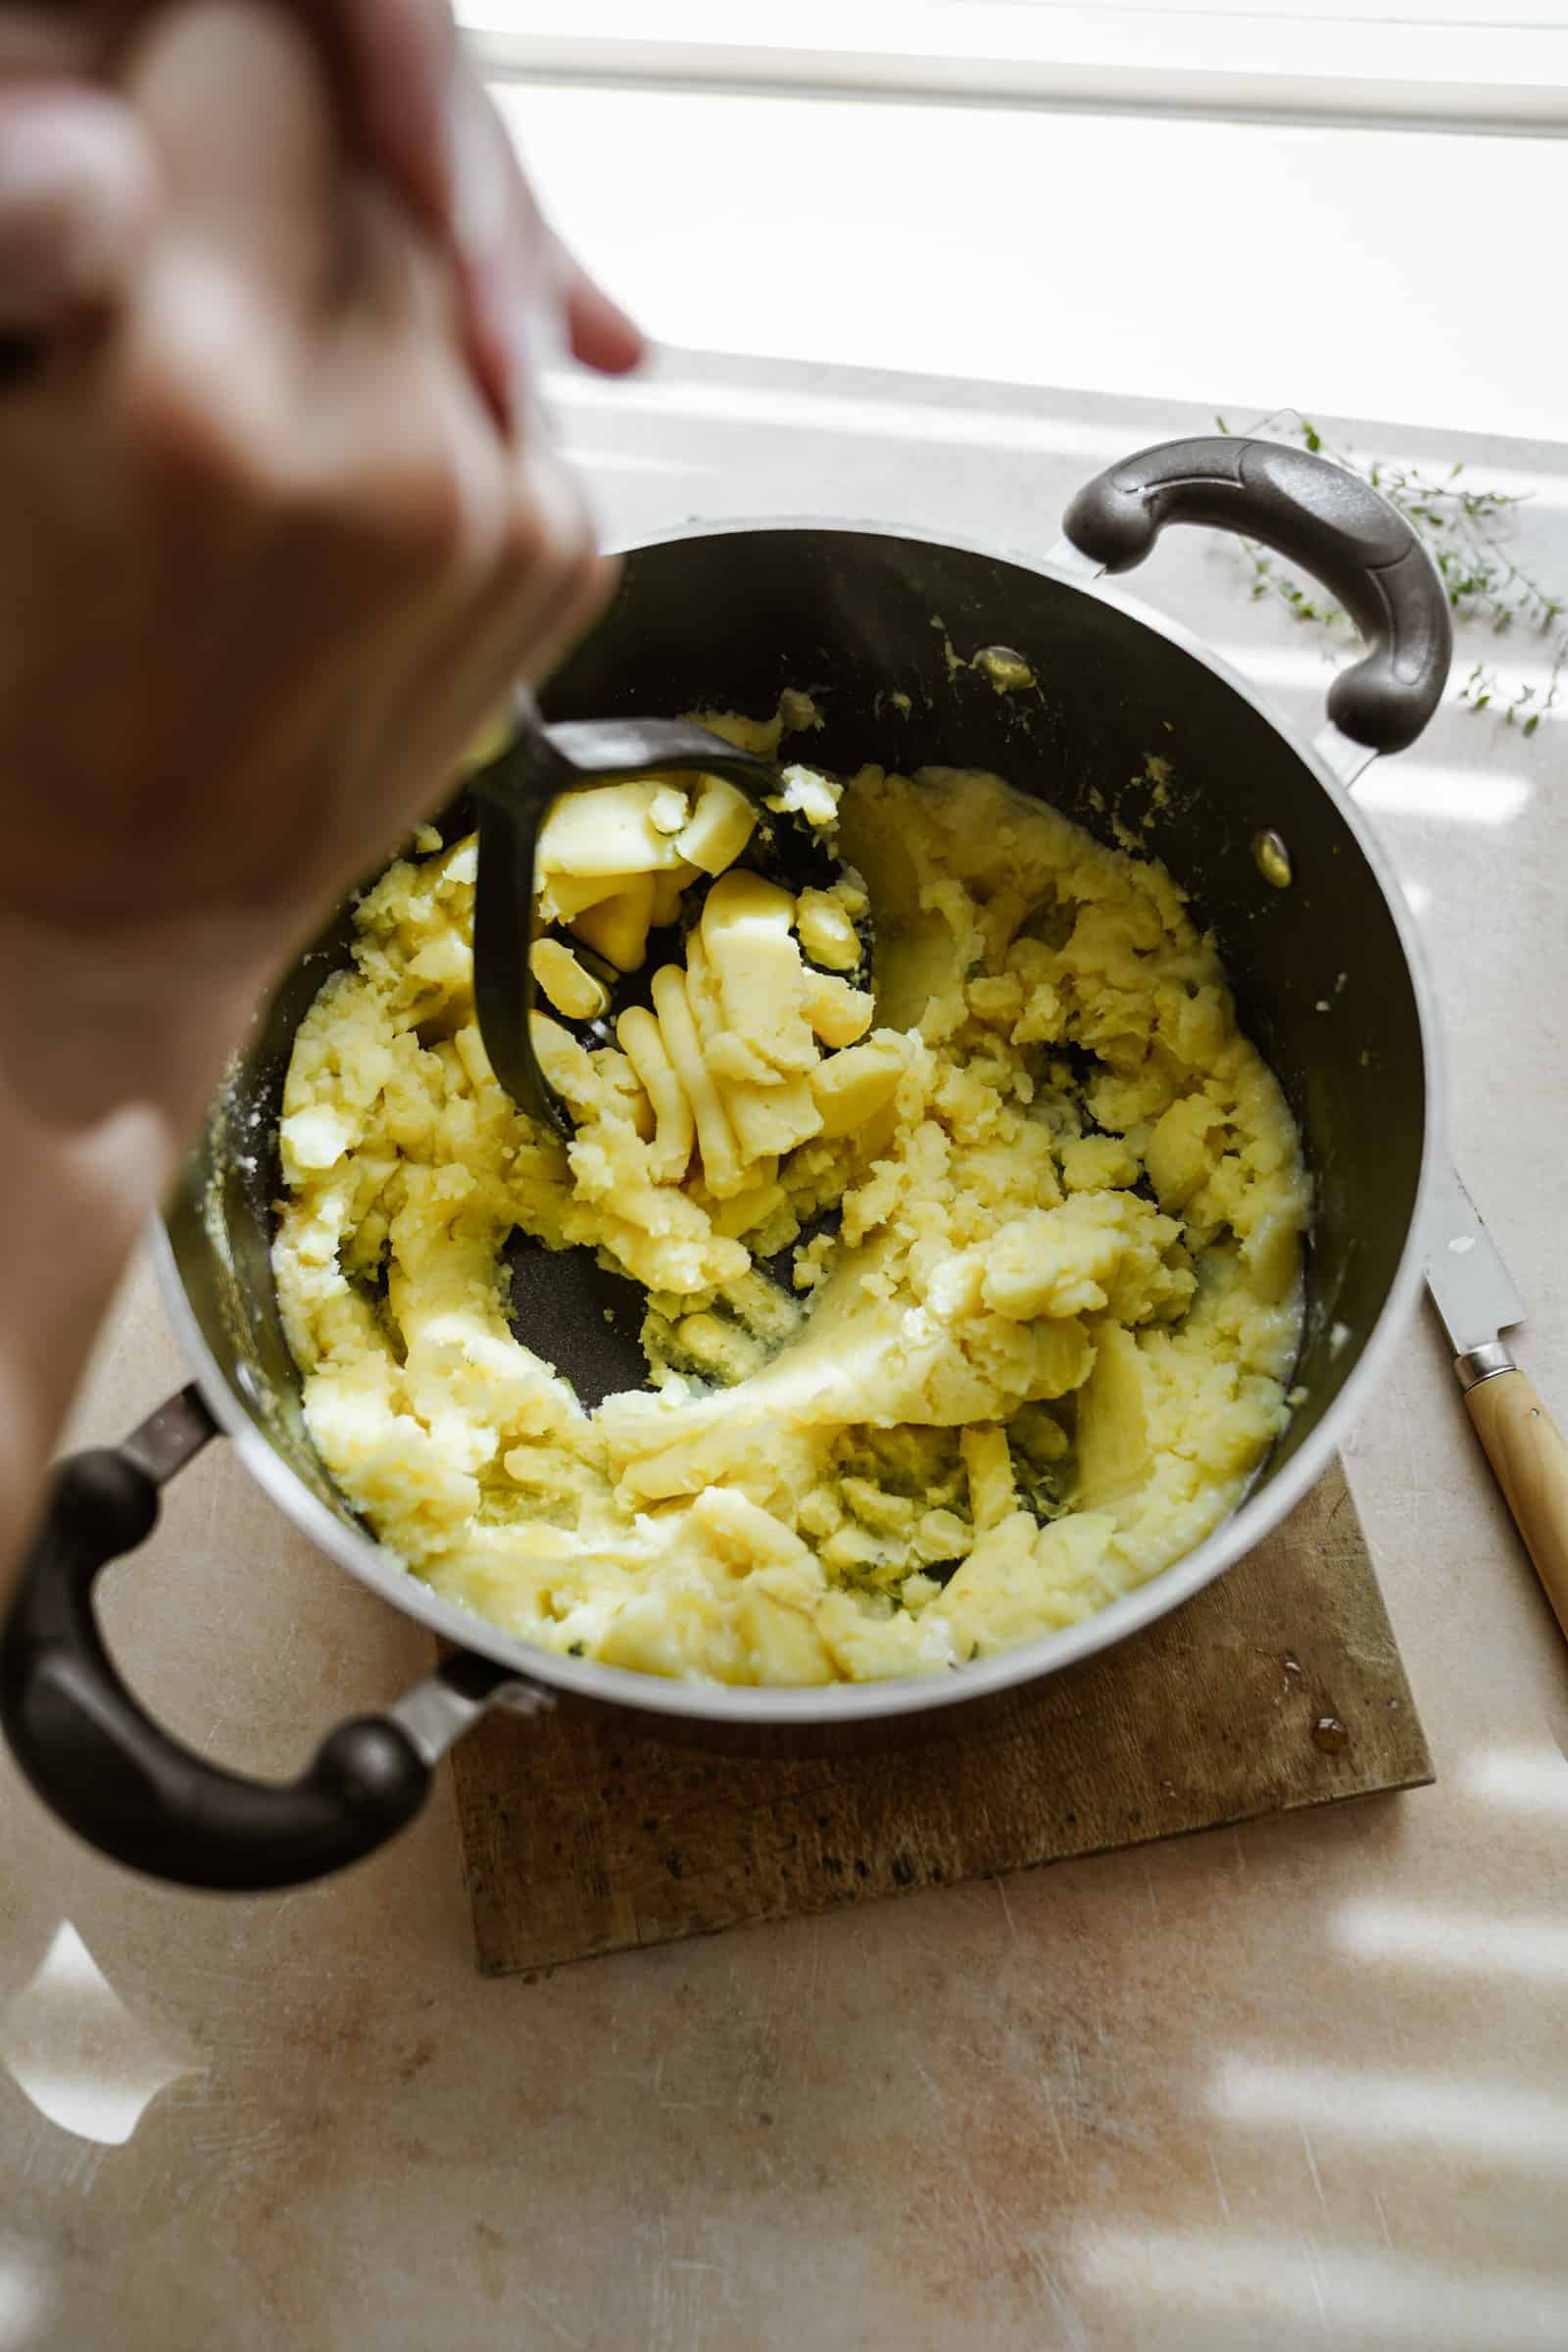 Mashing potatoes in pot